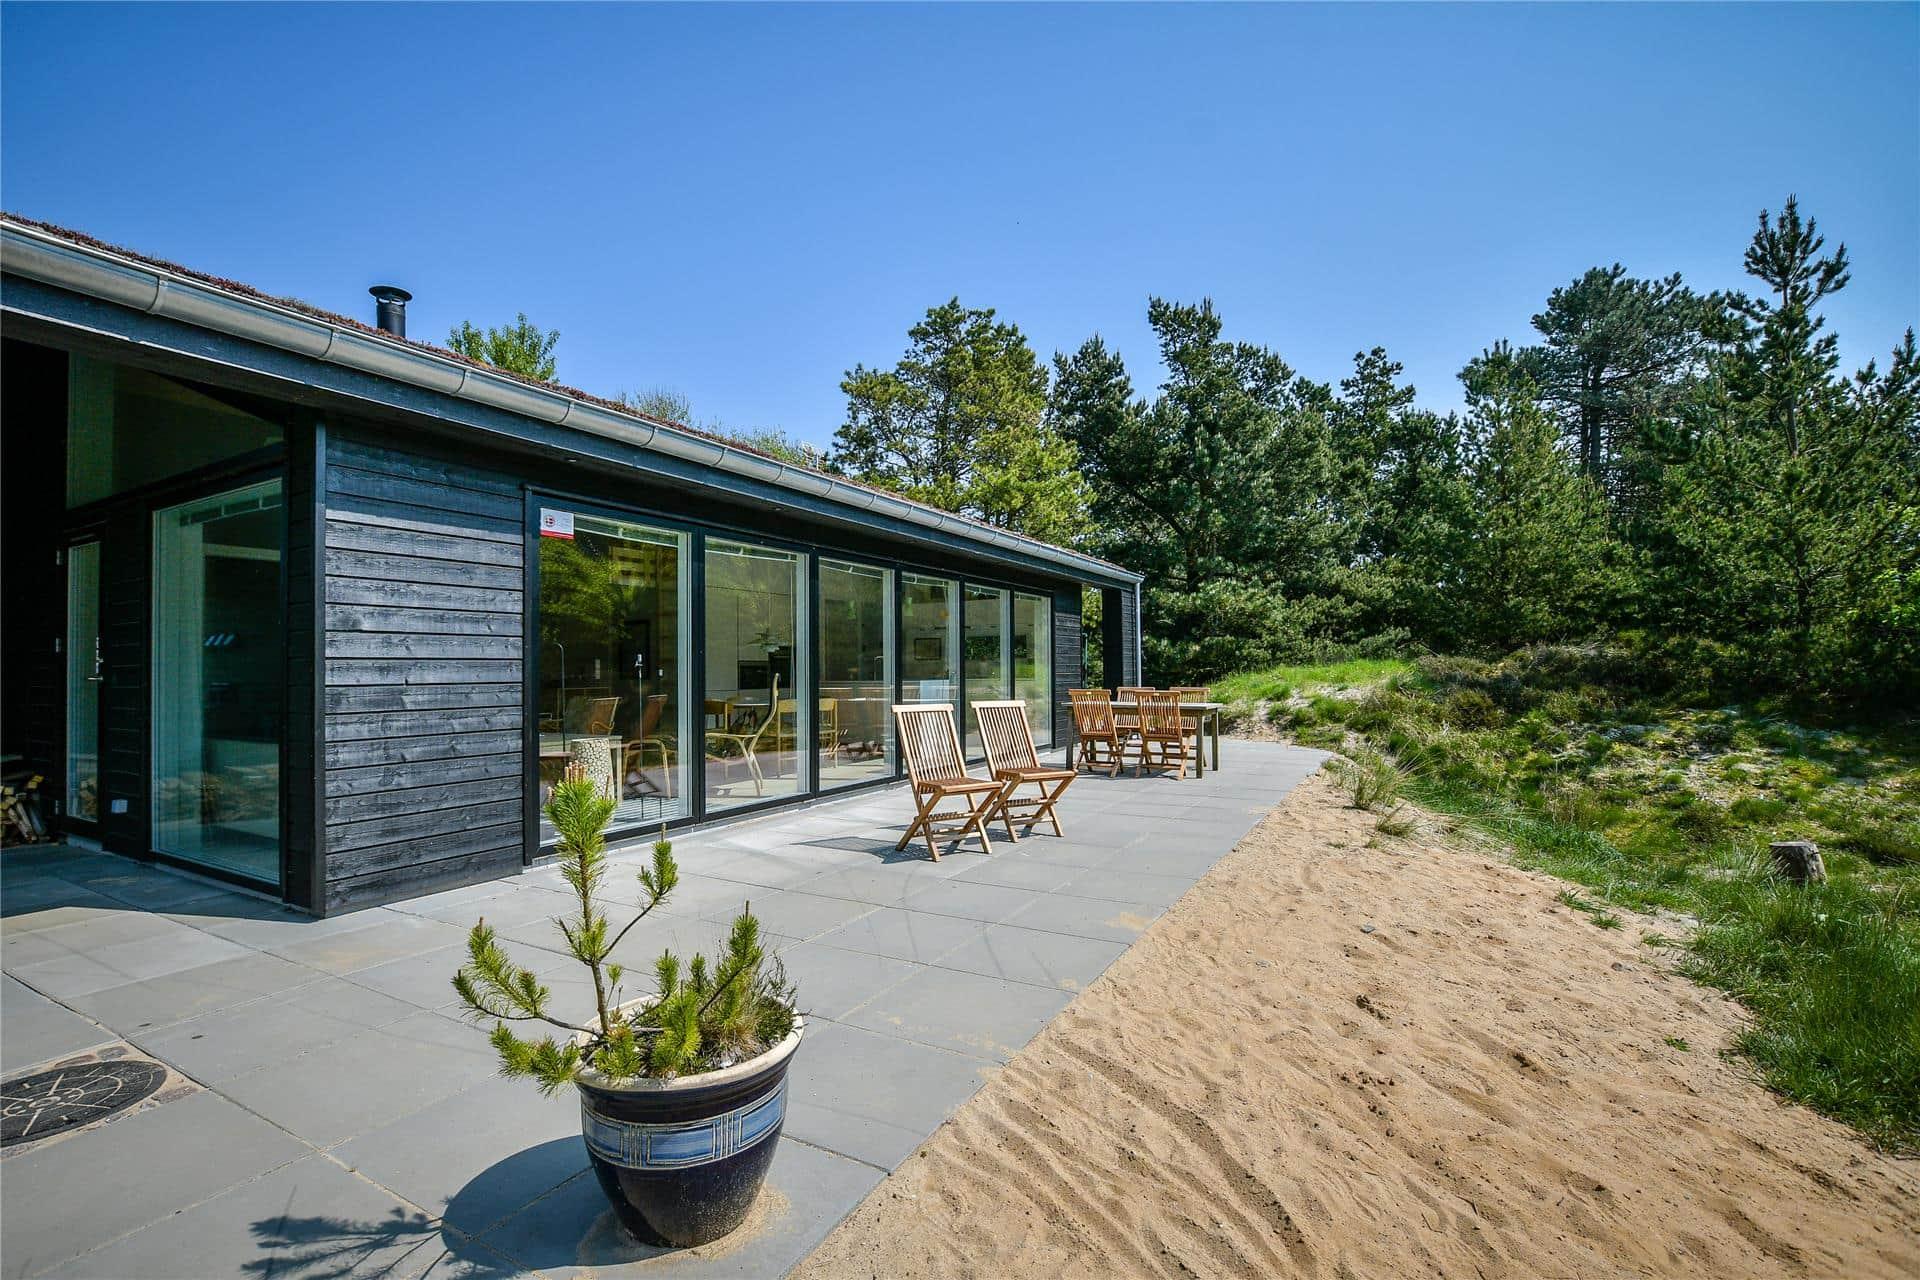 Zwart houten vakantiehuis met grote ramen en terras met houten stoelen